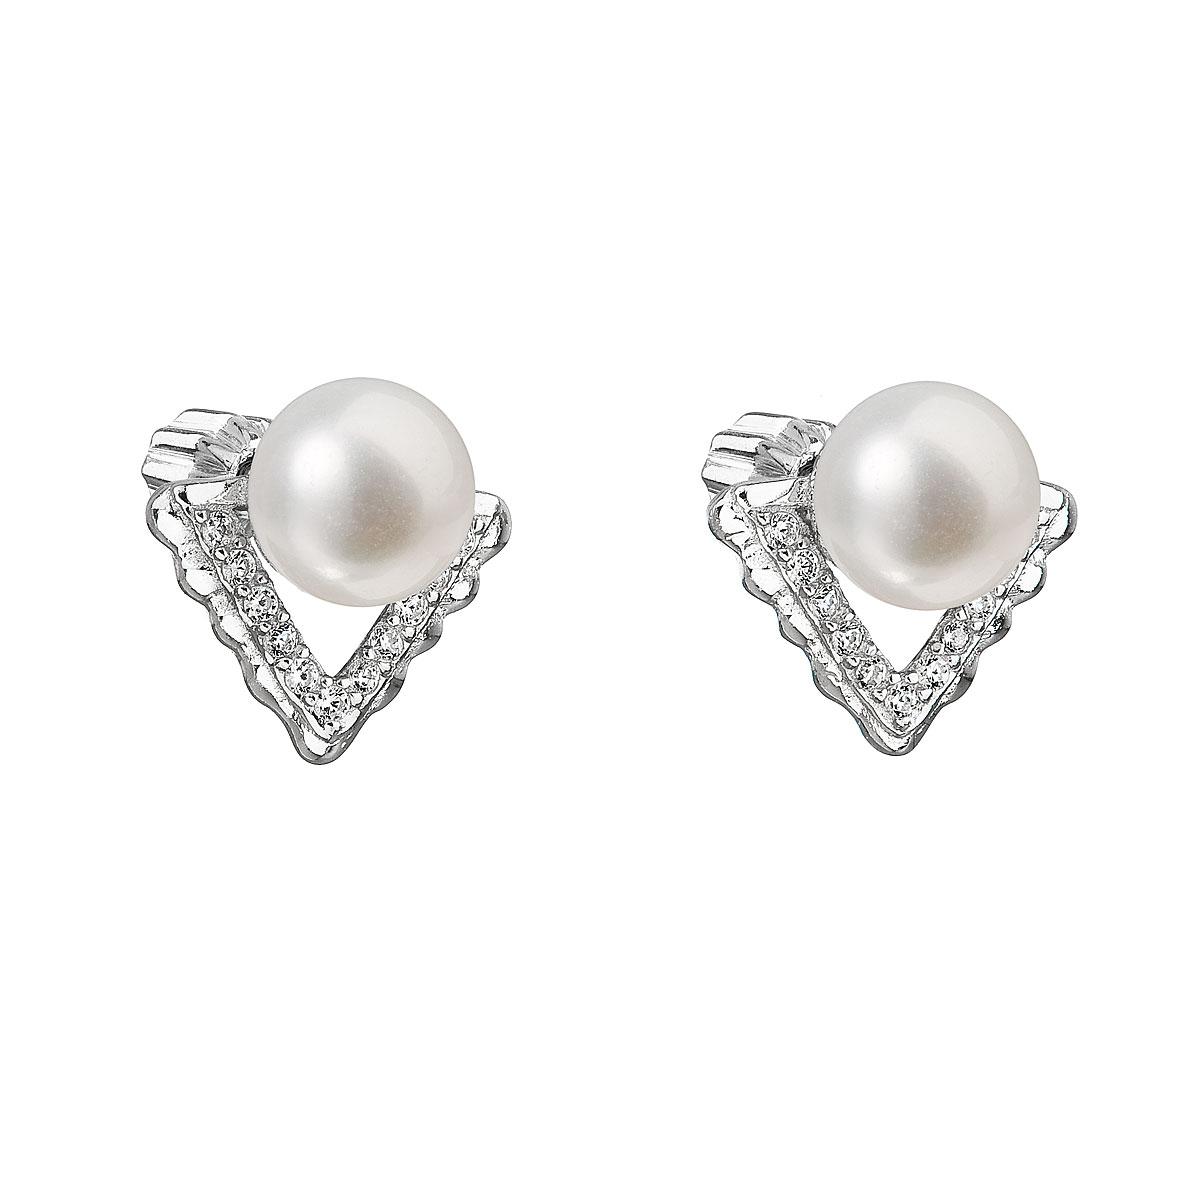 Strieborné náušnice kôstky s bielou riečnou perlou 21012.1